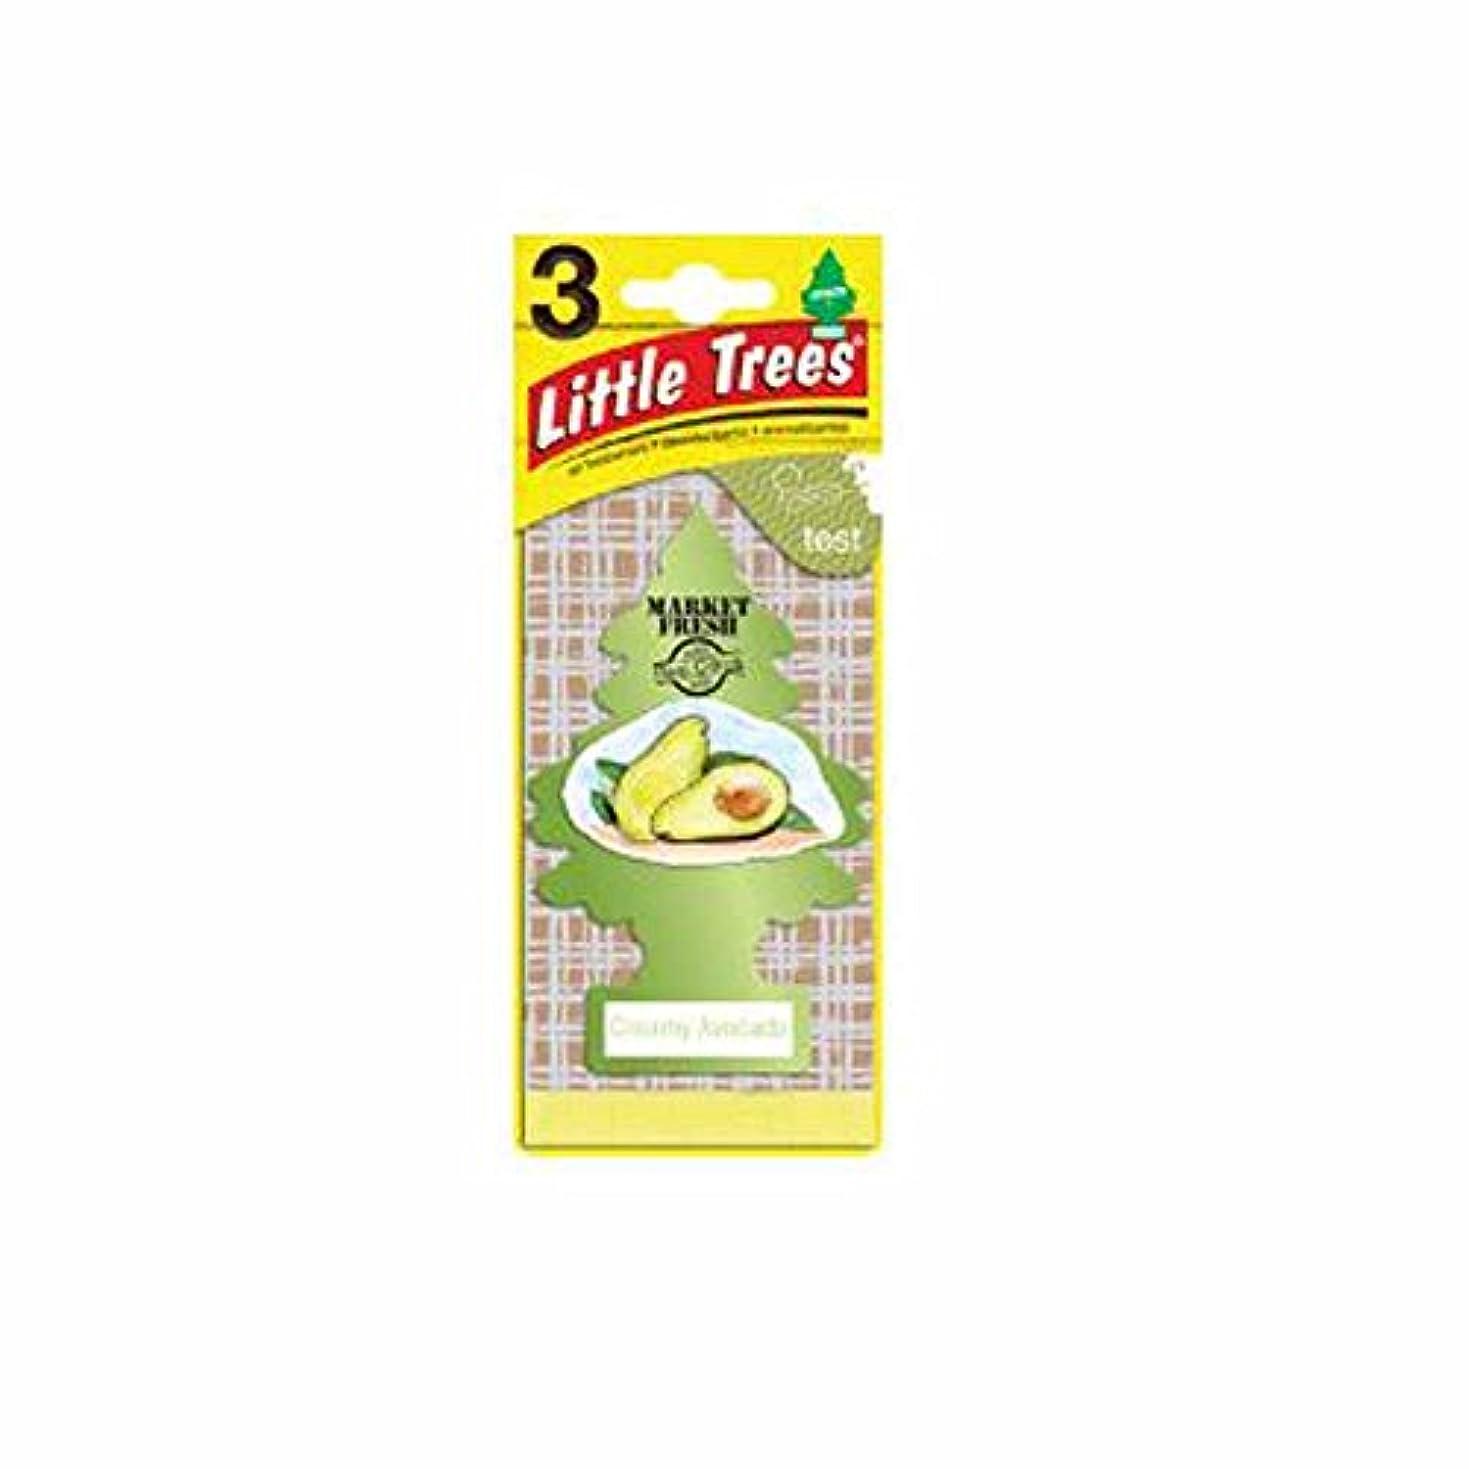 十分なグラフスリットLittle Trees 吊下げタイプ エアーフレッシュナー creamy avocado(クリーミーアボカド) 3枚セット(3P) U3S-37340